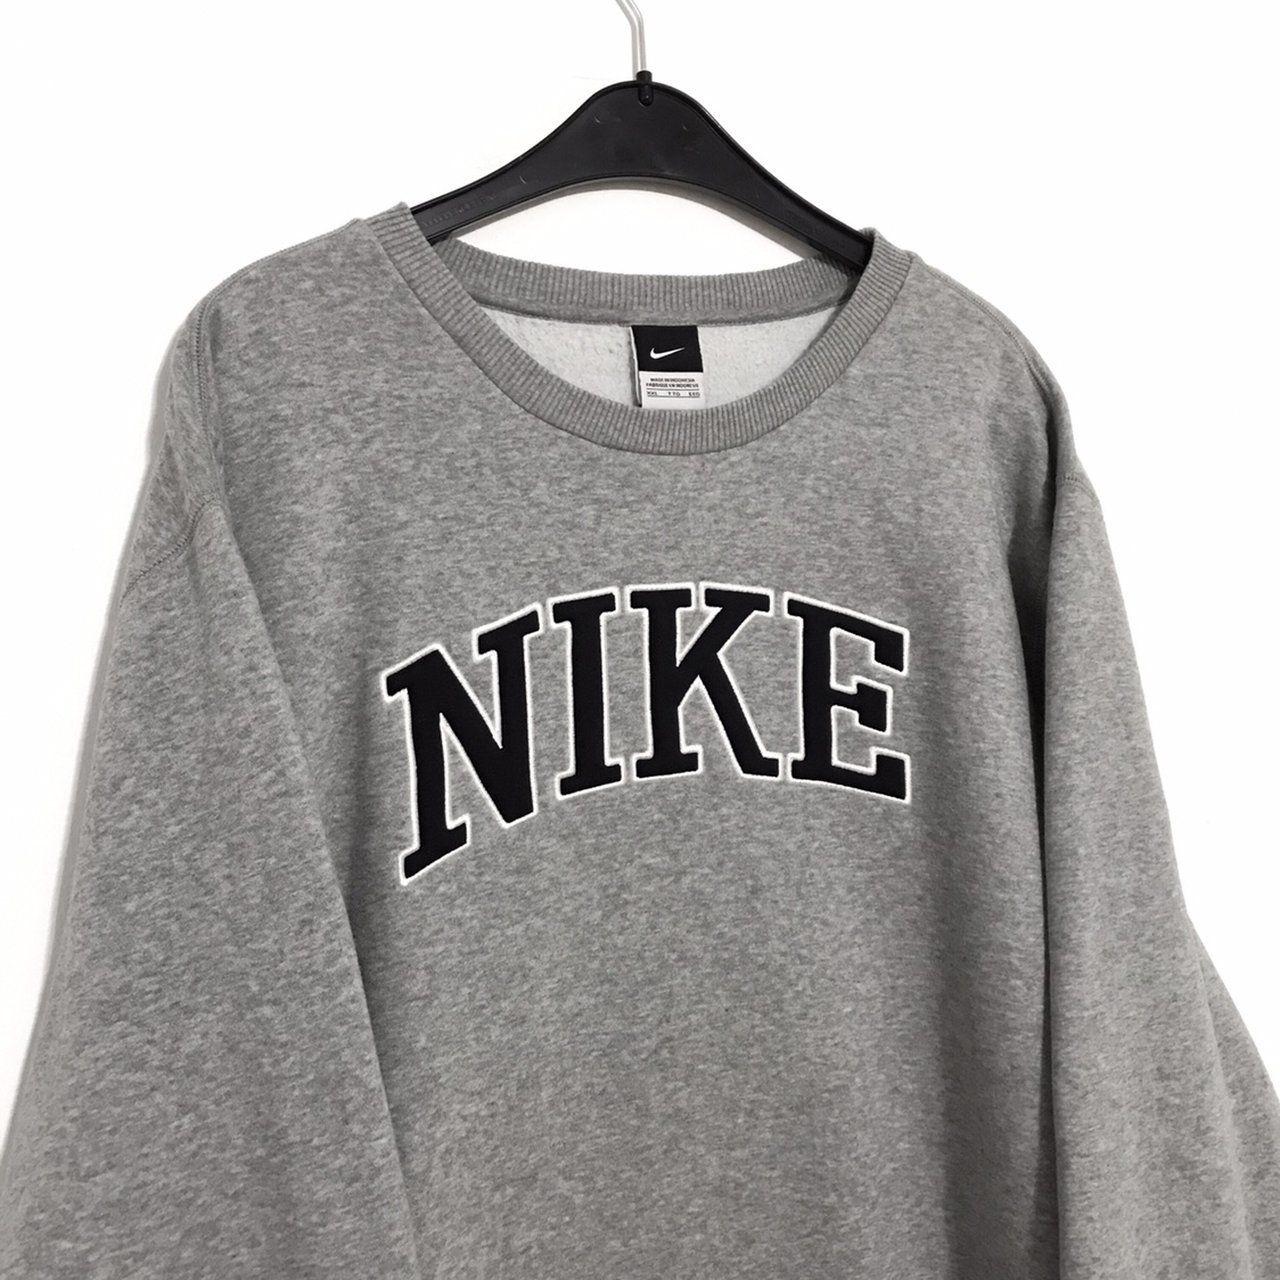 Cute Christmas Outfits Vintage Nike Sweatshirt Vintage Hoodies Trendy Hoodies [ 1280 x 1280 Pixel ]